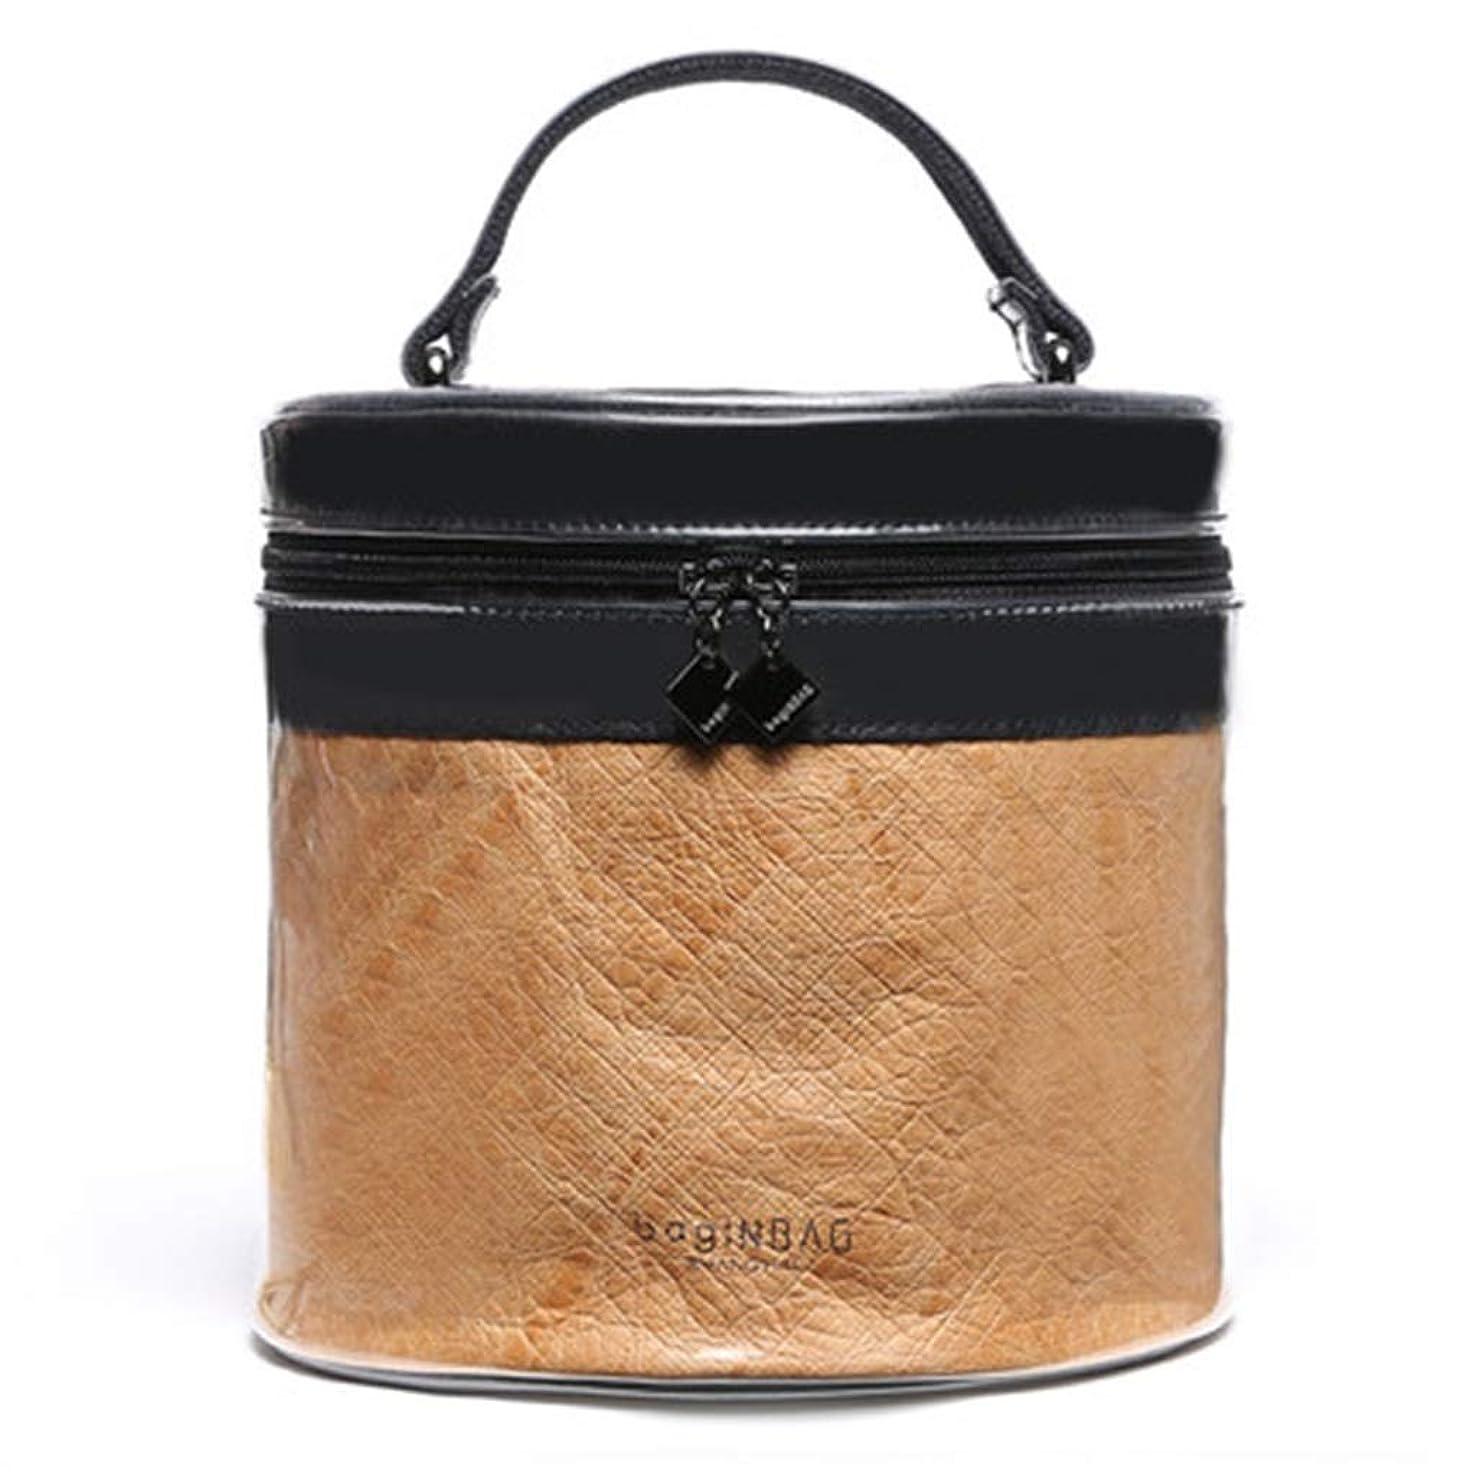 コミットメロドラマ北方携帯用化粧品袋の女性の手荷物の化粧品の収納袋/ 19 x 18 x 18.5CM LXMSP